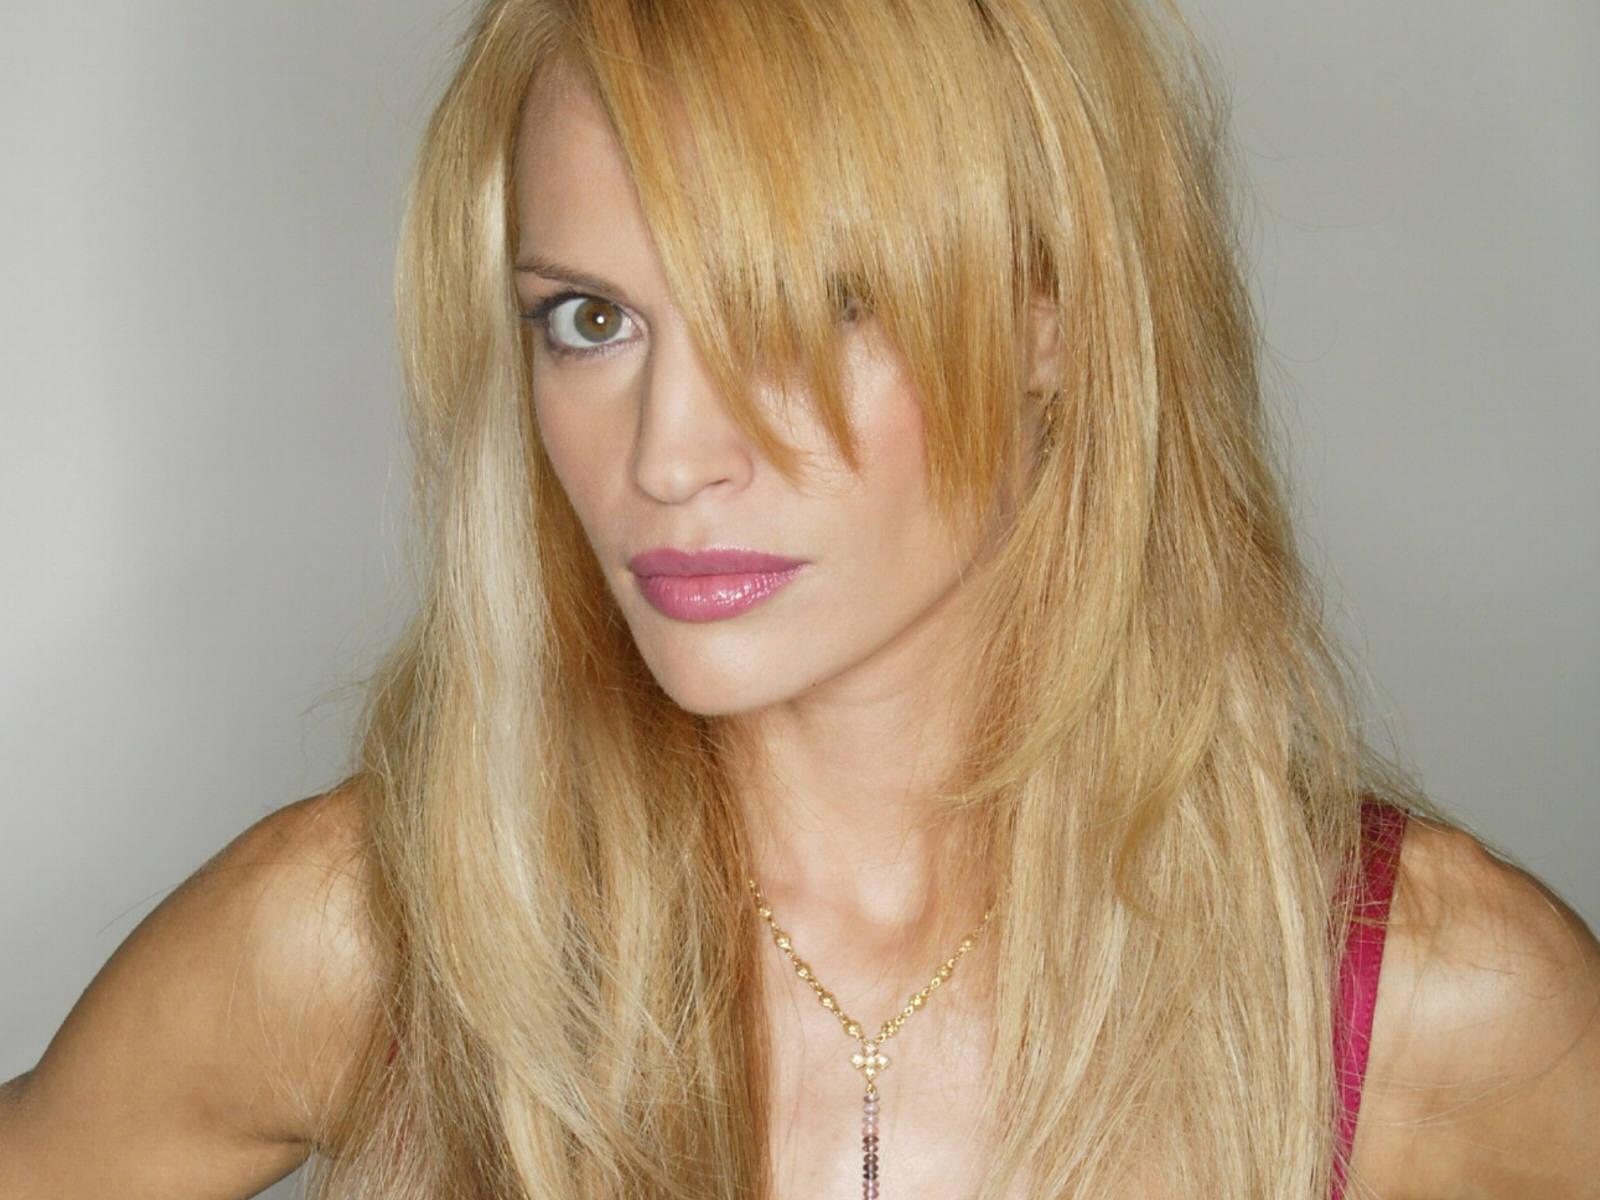 Poze Jolene Blalock - Actor - Poza 29 din 132 - CineMagia.ro